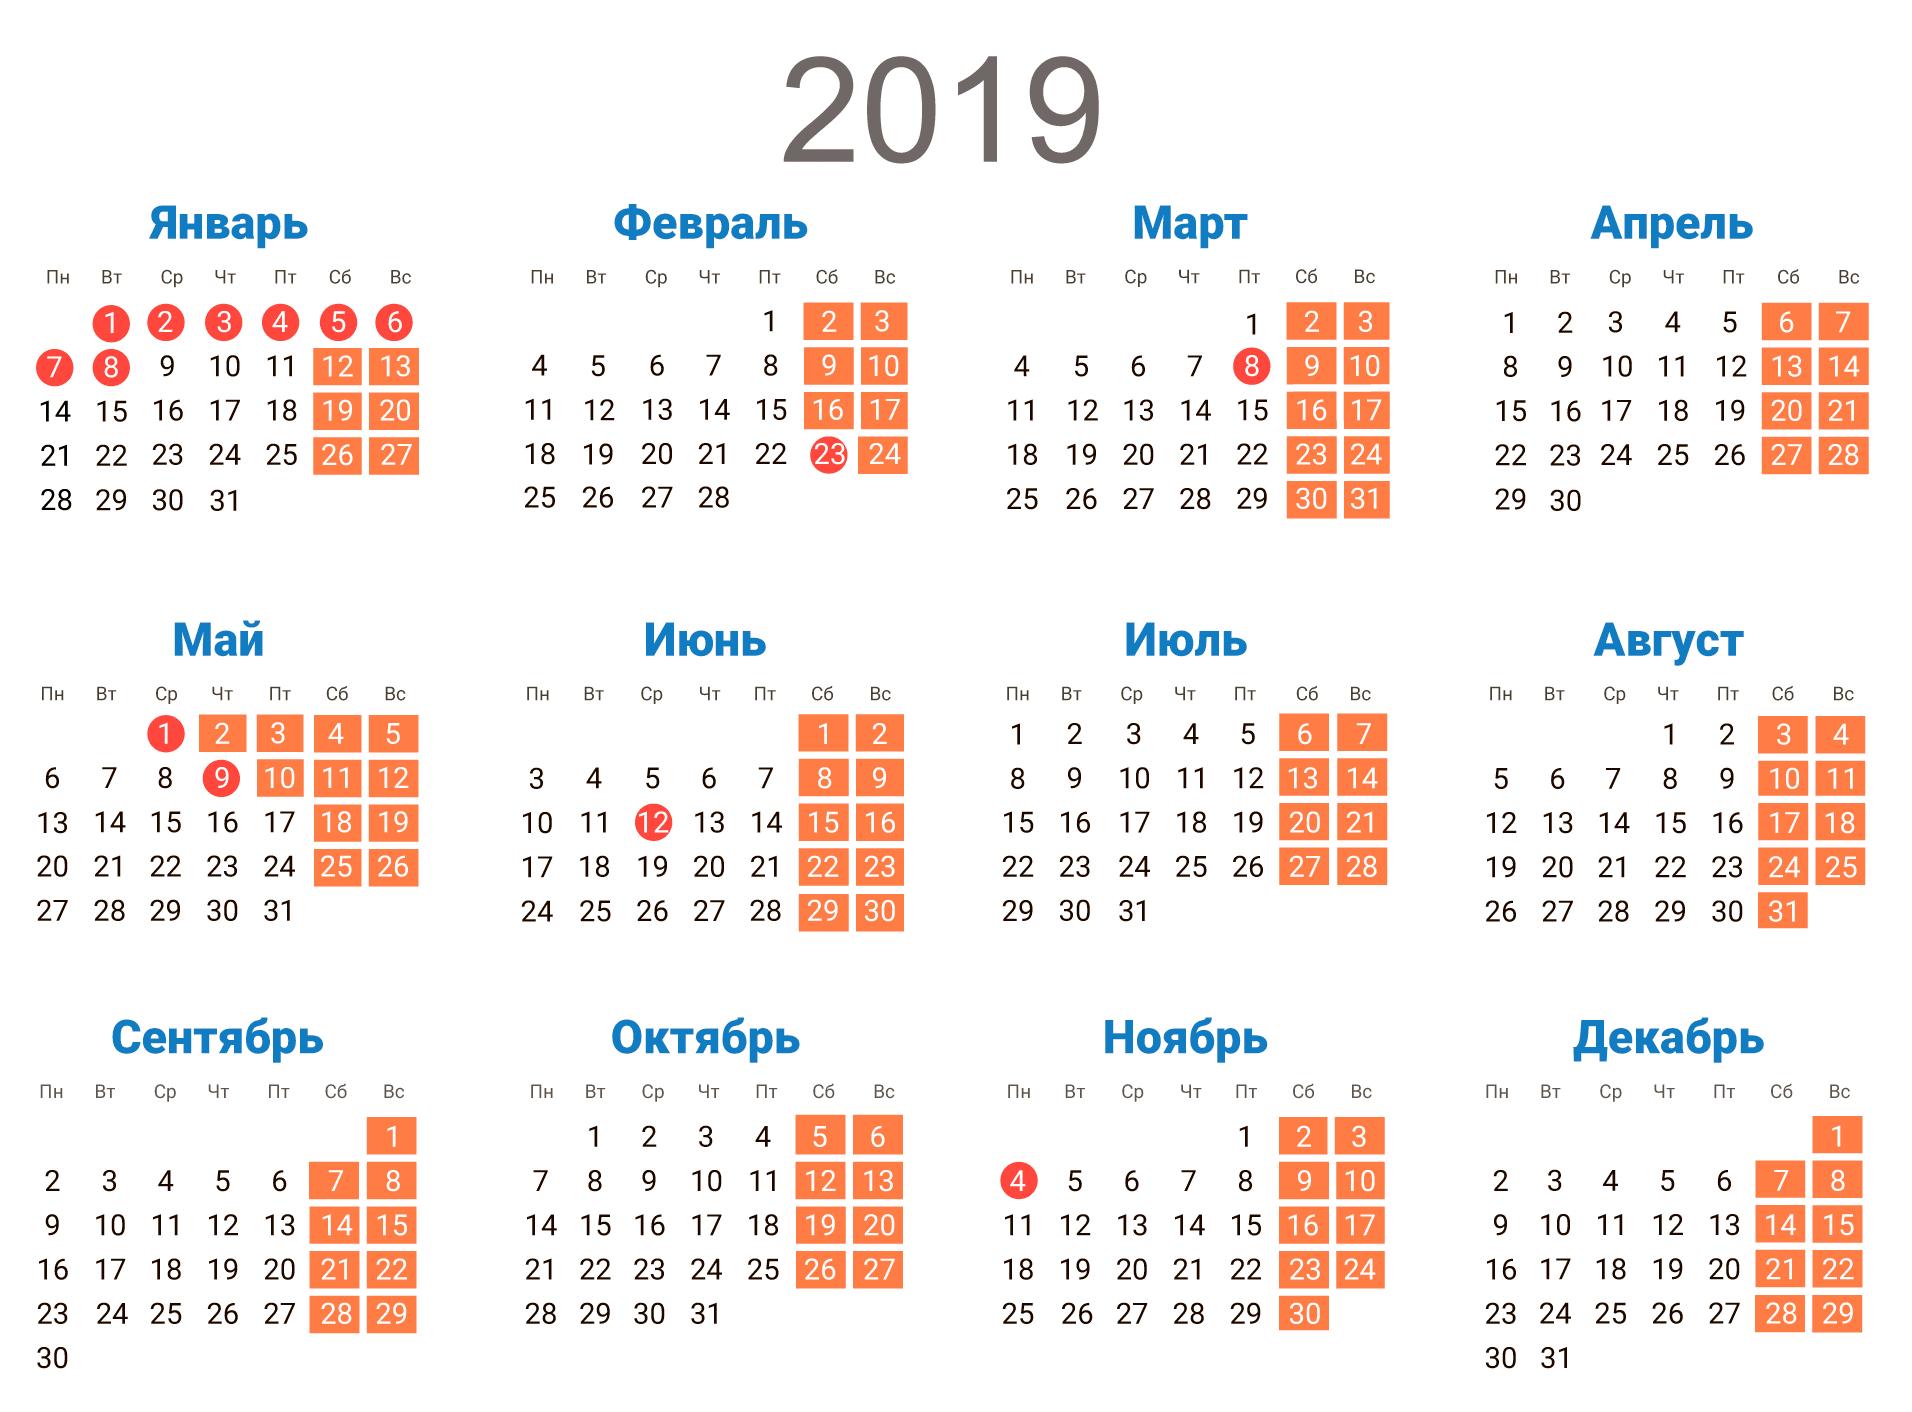 Скачать Календарь На 2019 Год В Форматах: Word, Pdf, Jpg Calendar 2019 Za